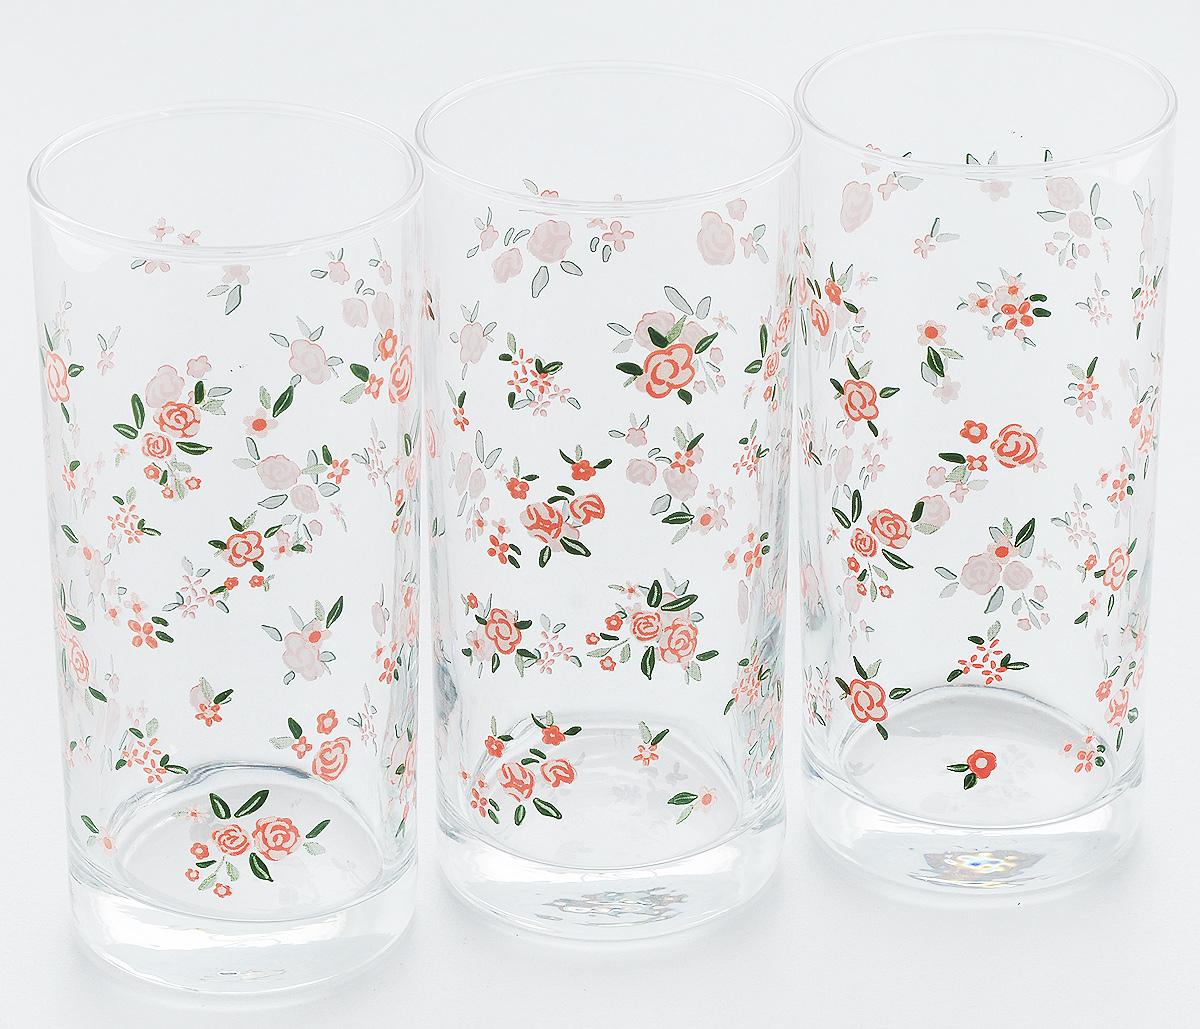 Набор стаканов Pasabahce Provence, 290 мл, 3 шт42402B/SНабор Pasabahce Provence состоит из трех бокалов, выполненных из закаленного натрий- кальций-силикатного стекла. Изделия украшены ярким рисунком и прекрасно подойдут для подачи холодных напитков. Их оценят как любители классики, так и те, кто предпочитает современный дизайн. Набор идеально подойдет для сервировки стола и станет отличным подарком к любому празднику. Высота стакана: 13,5 см.